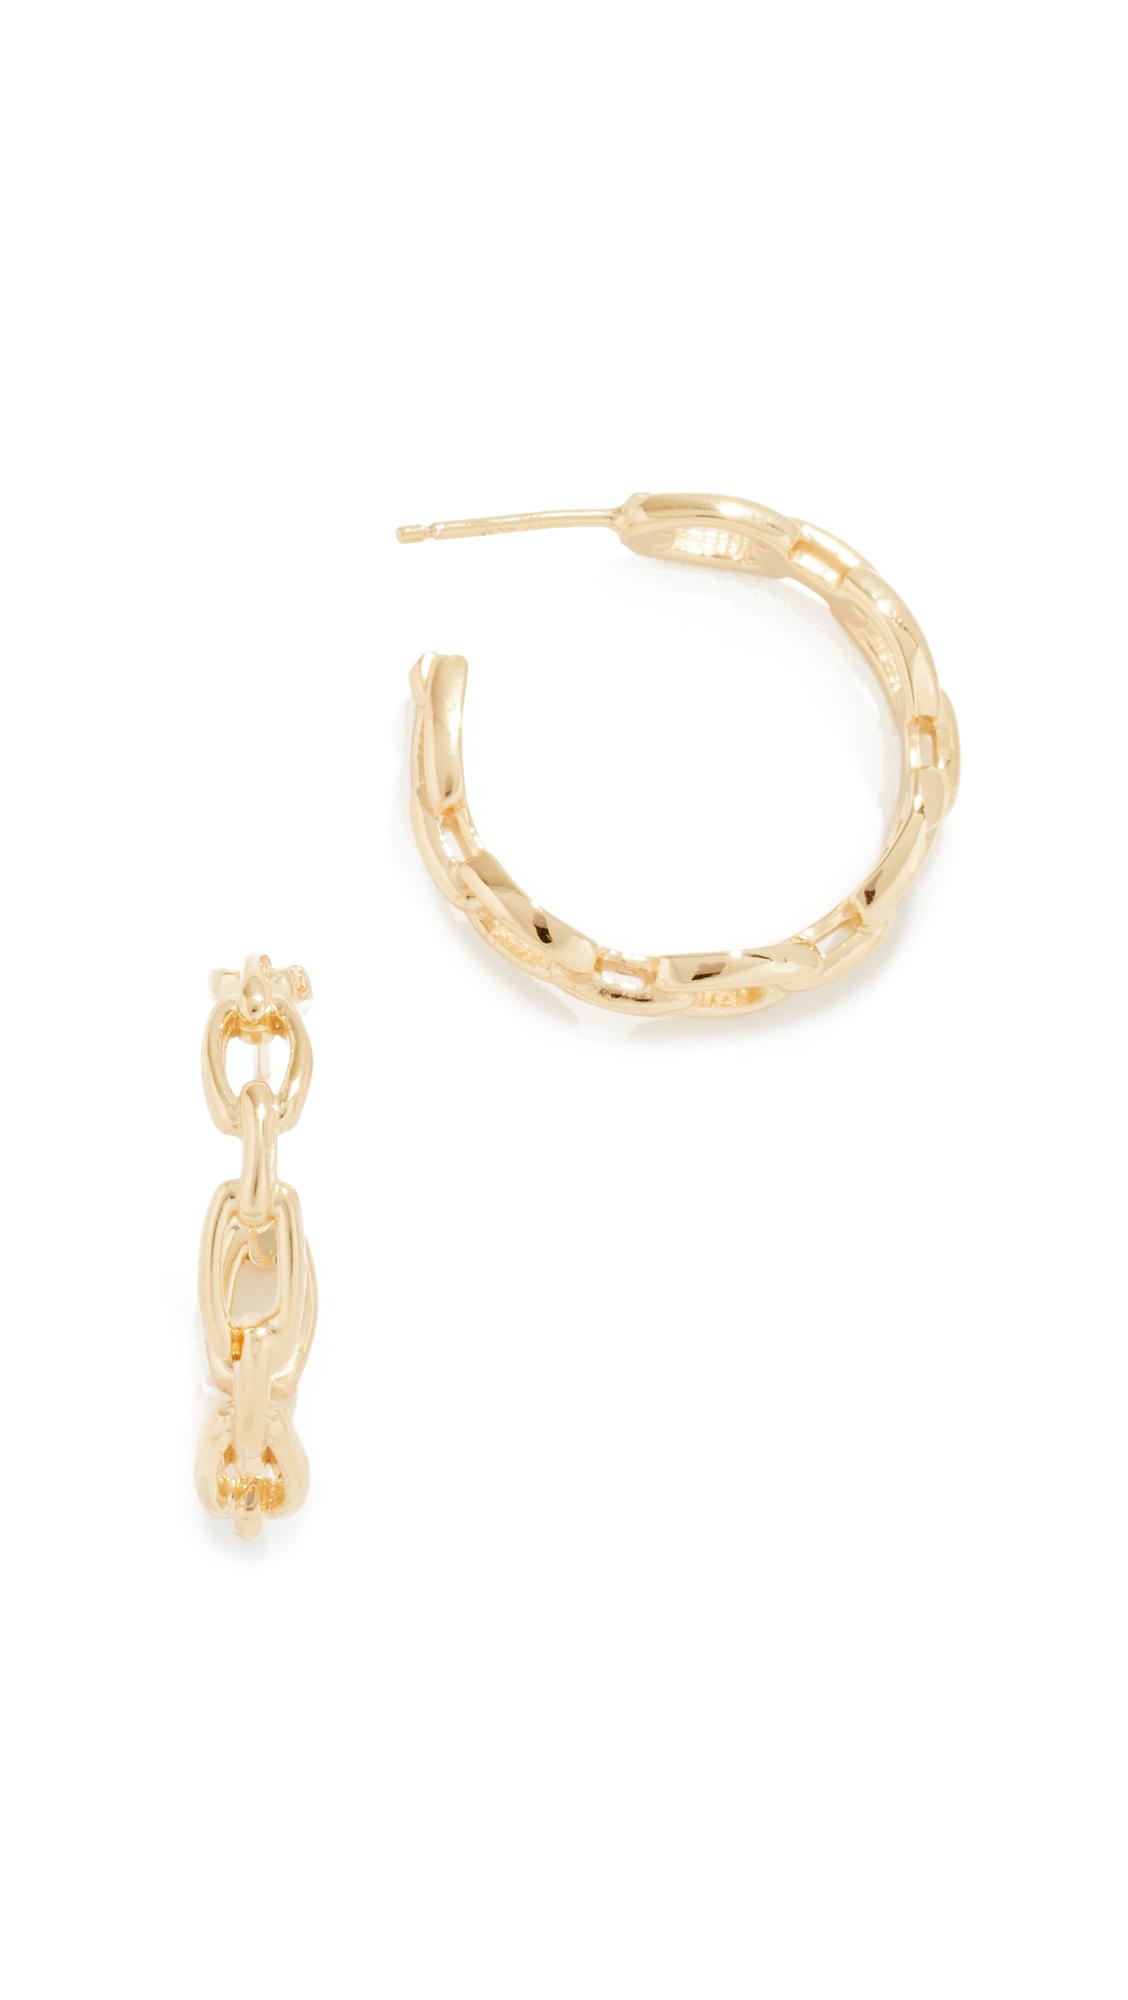 JENNIFER ZEUNER JEWELRY Carmine Hoop Earrings in Yellow Gold